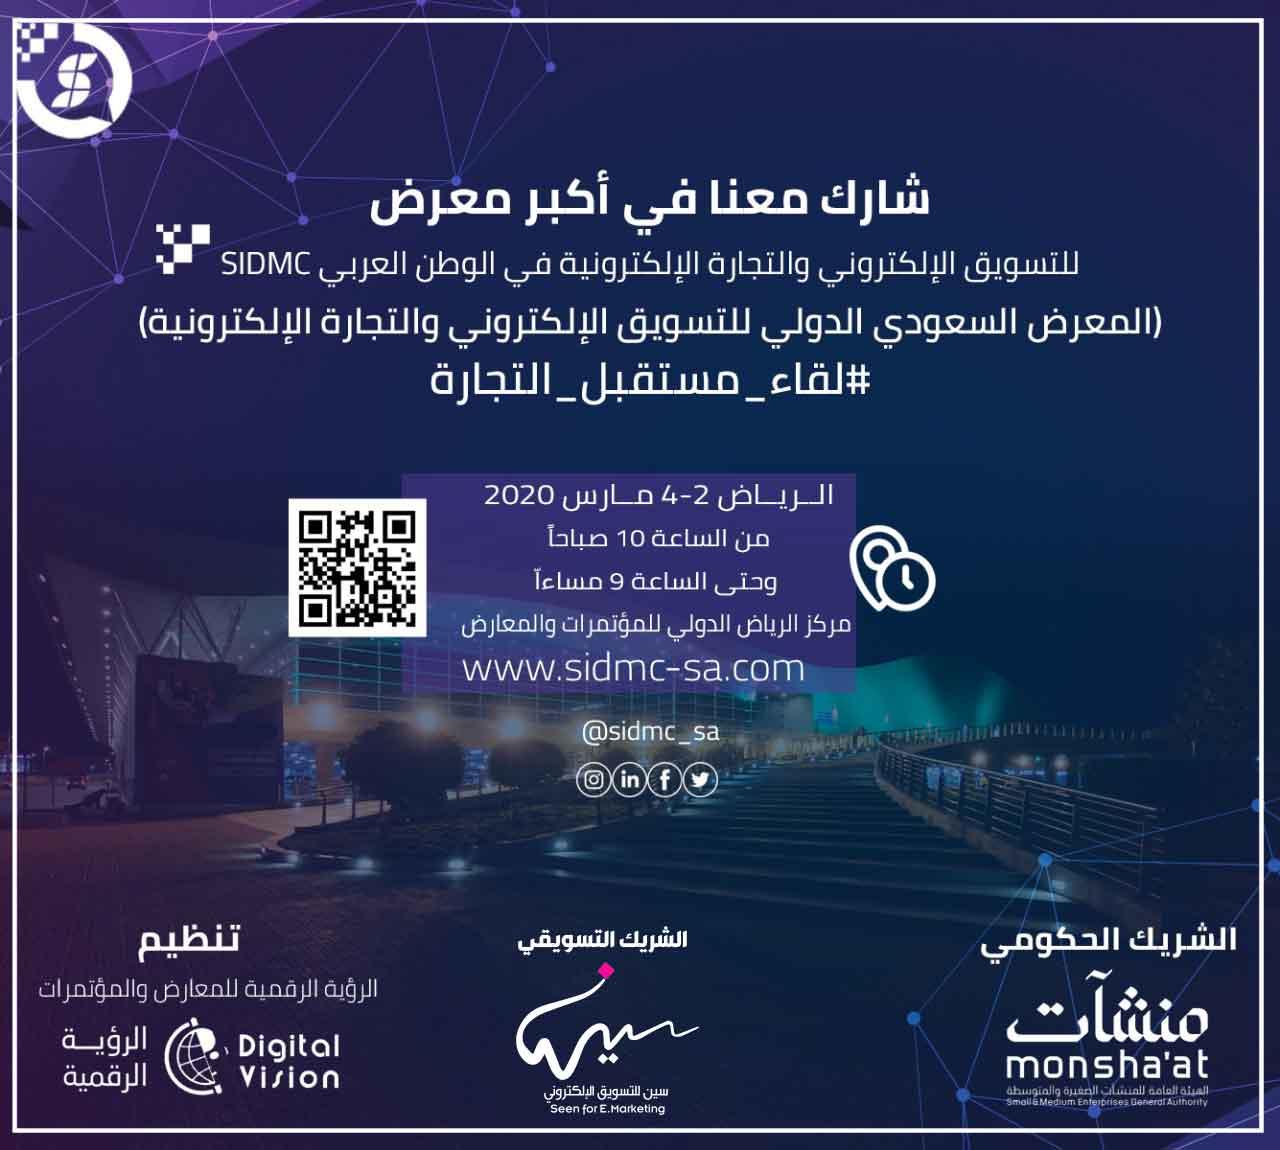 المعرض السعودي الدولي للتسويق الإلكتروني و التجارة الالكترونية